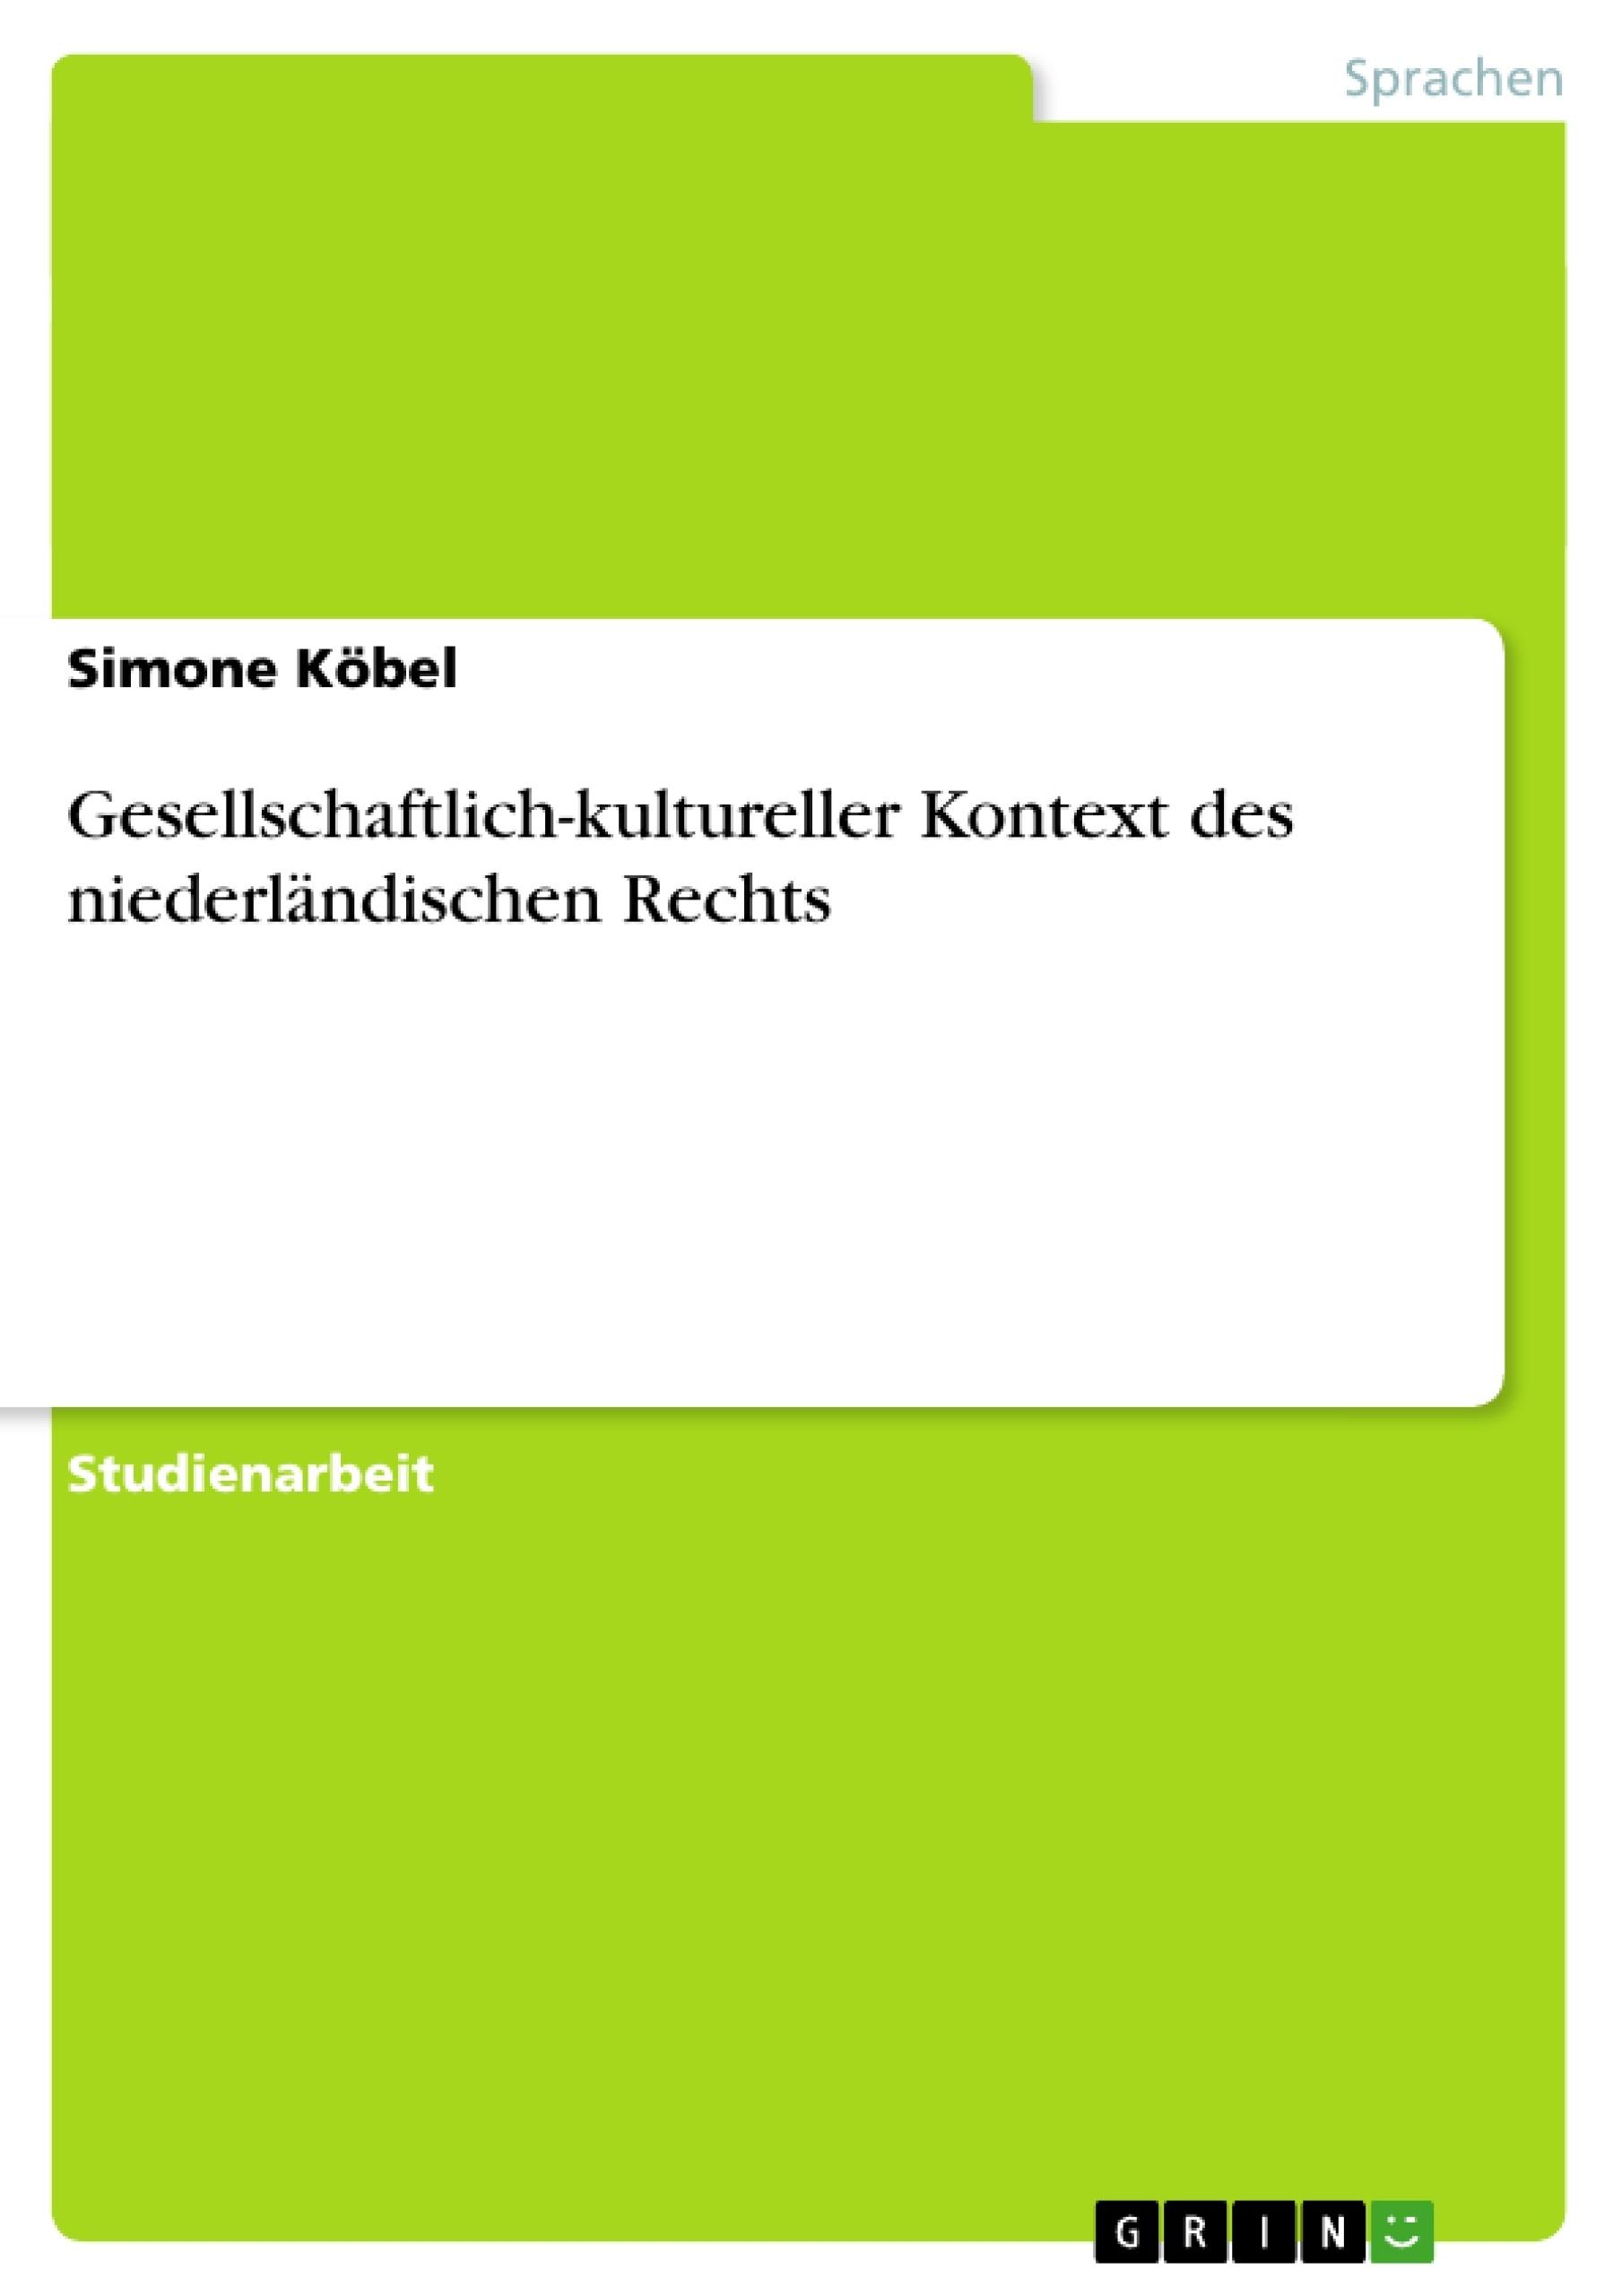 Titel: Gesellschaftlich-kultureller Kontext des niederländischen Rechts